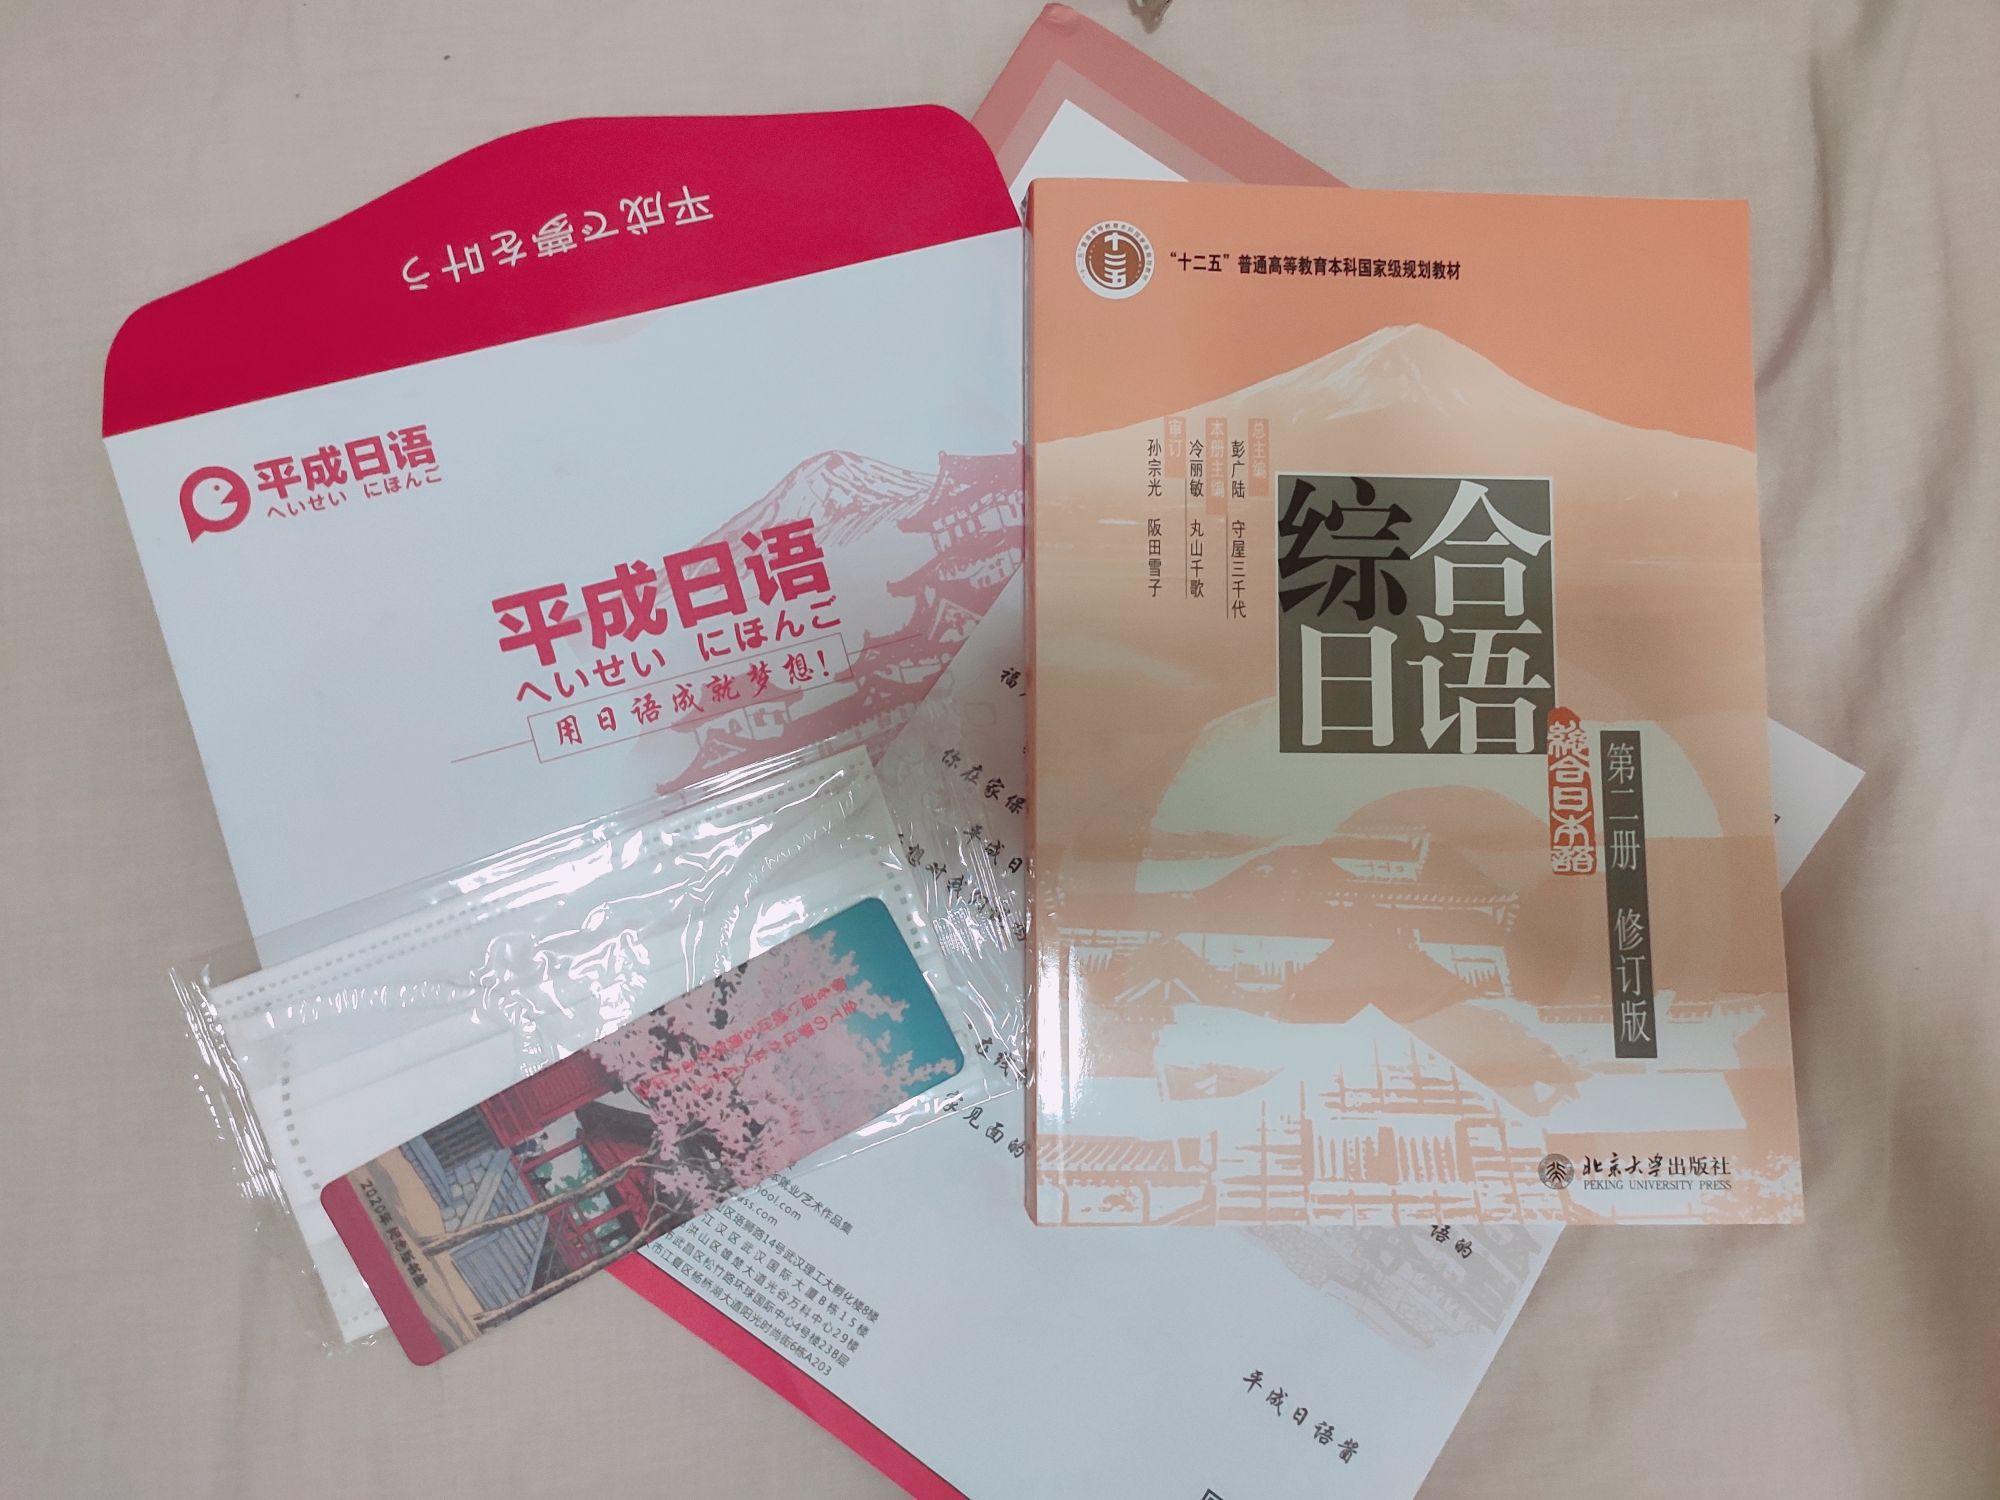 线上课堂不隔爱,寄书亦寄情——平成日语为学生邮寄新课本